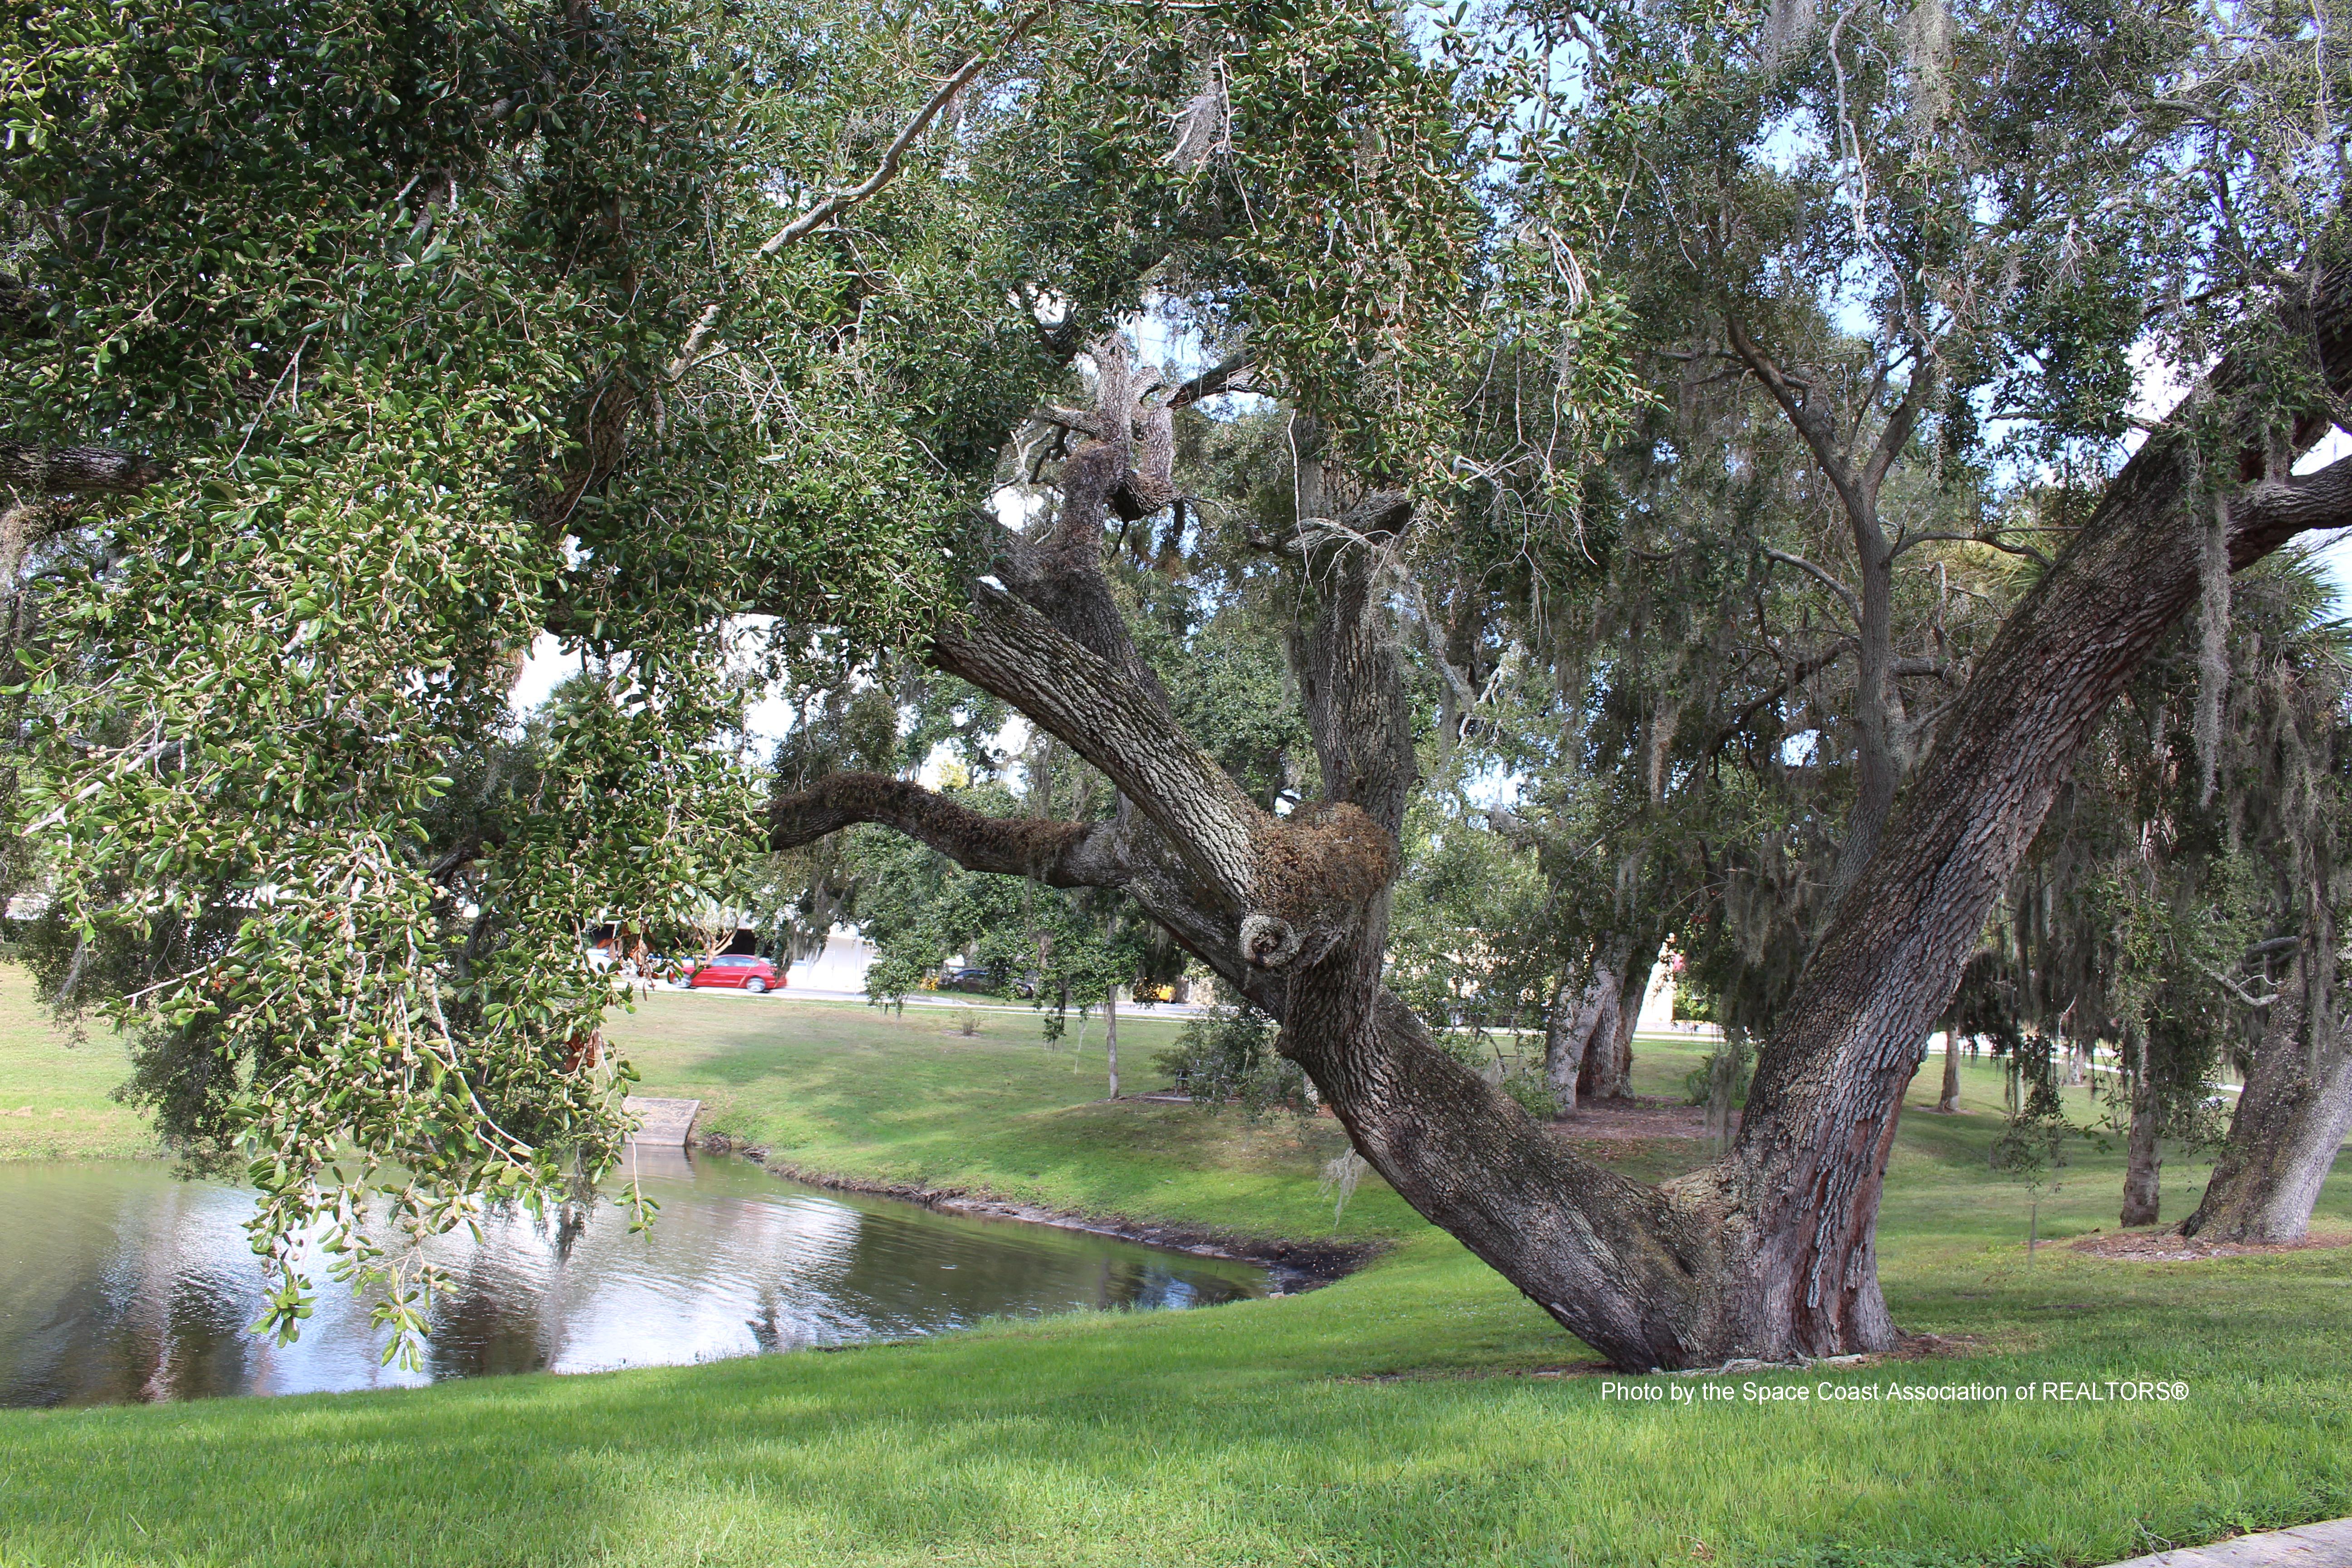 Lake Gilliard at Morris Park, Rockledge, Florida